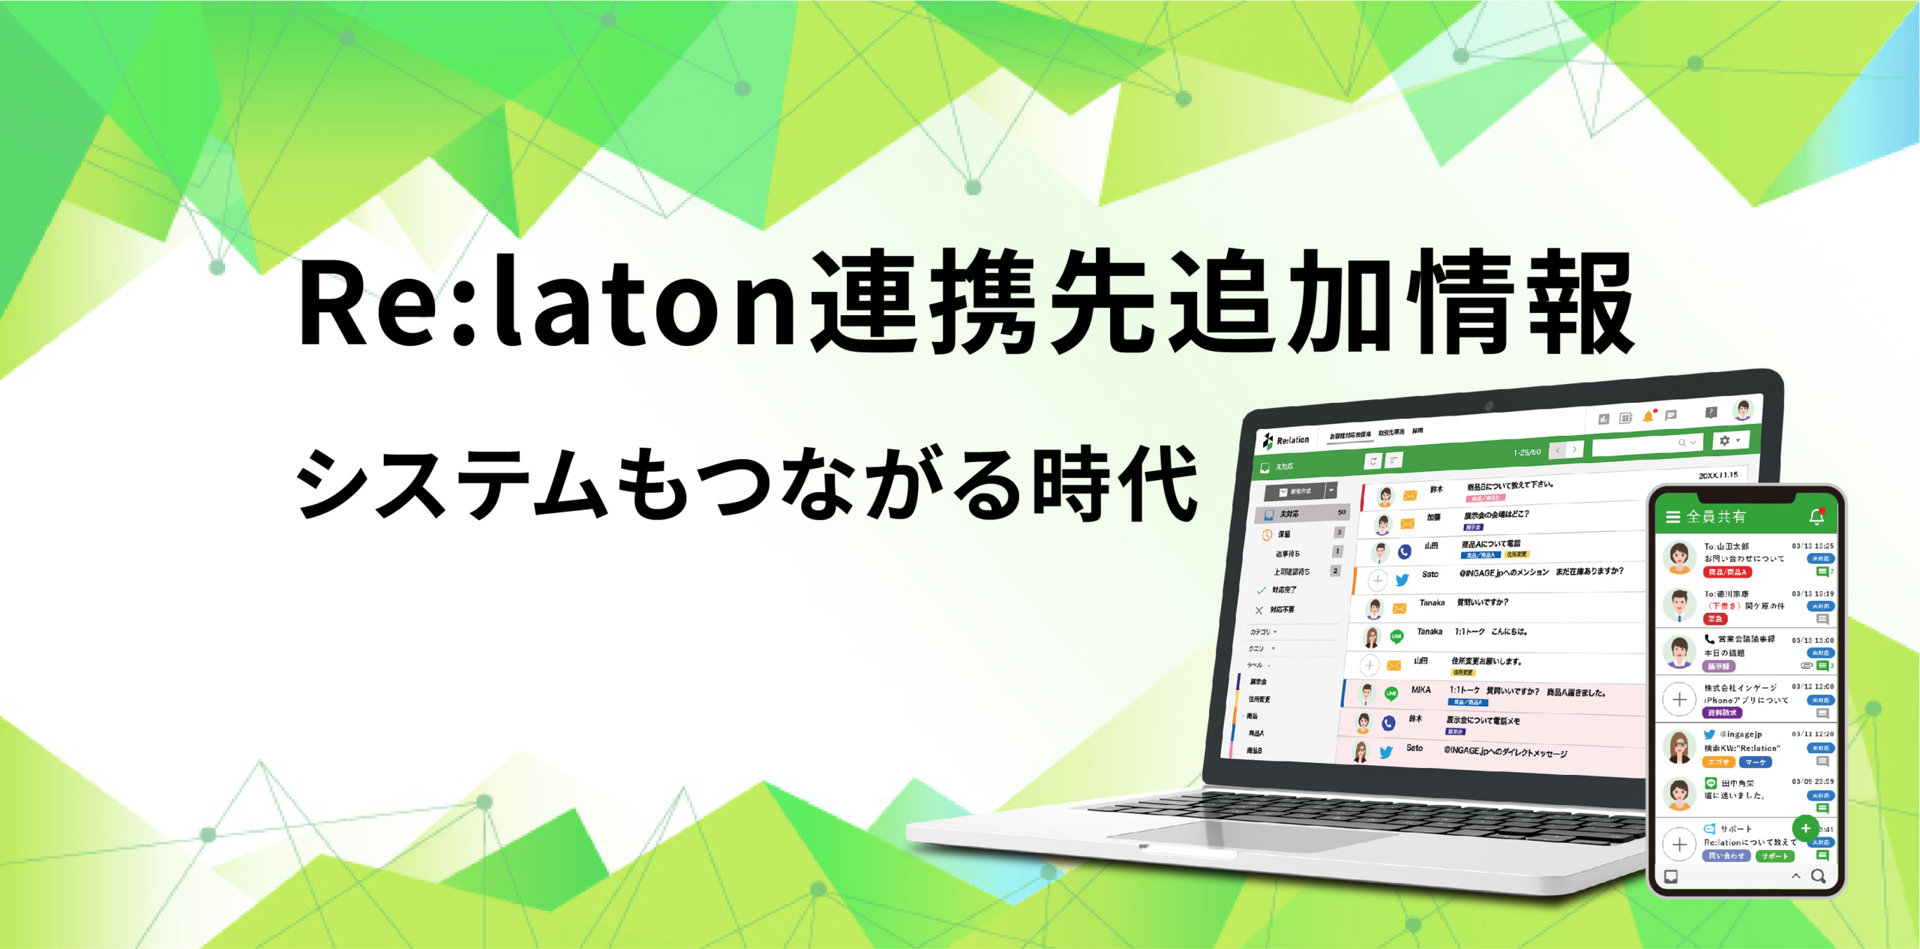 顧客対応ツール『Re:lation(リレーション)』がネットショップ一元管理システム『速販C2』と連携